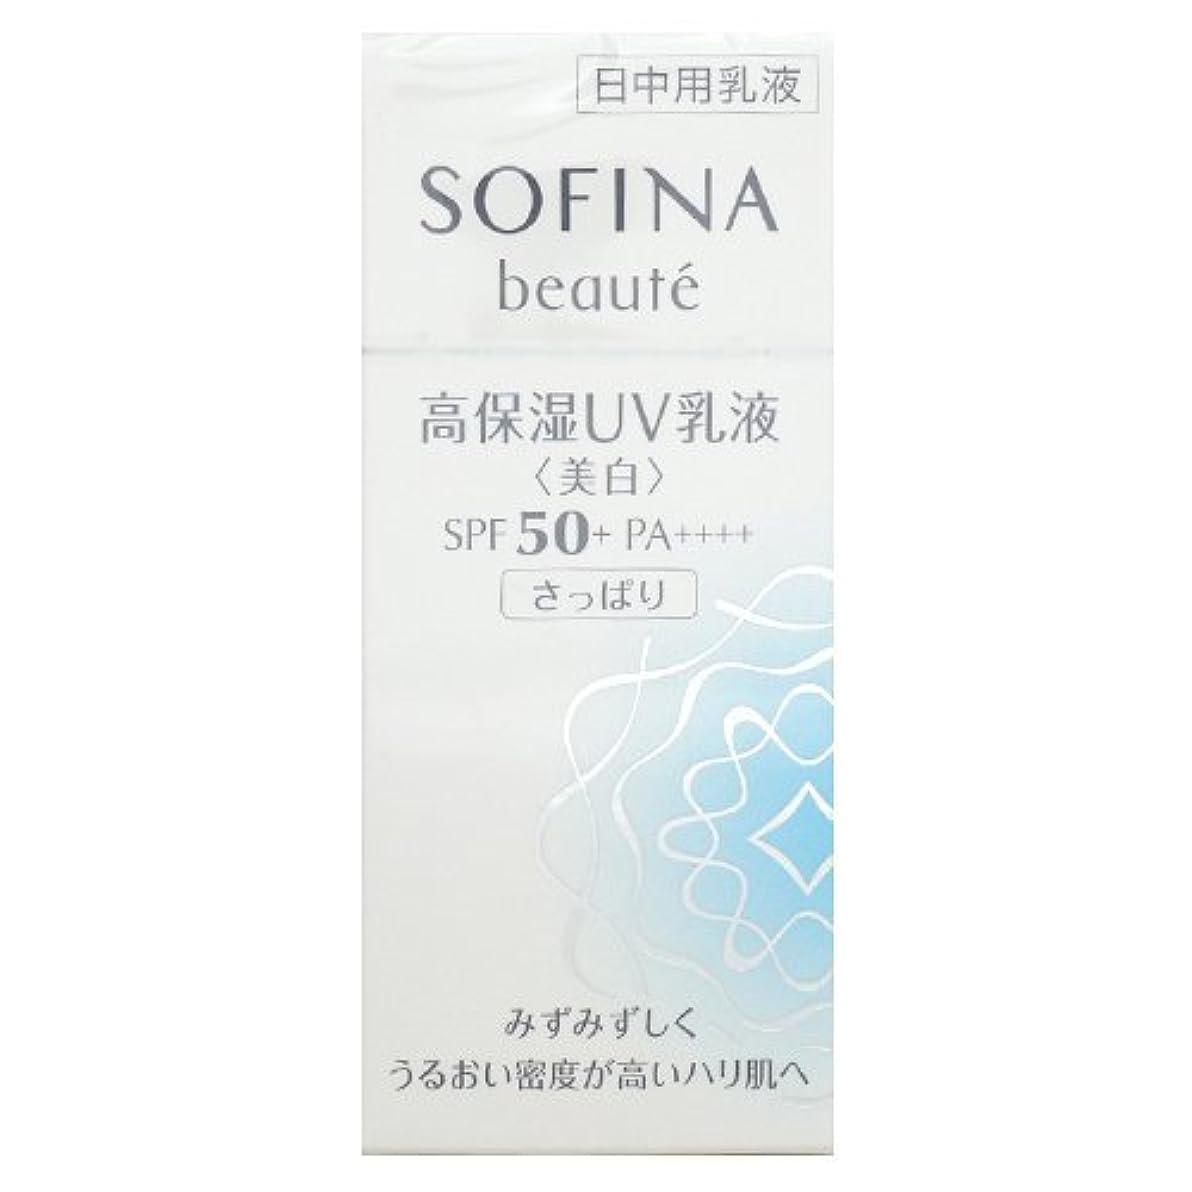 会う反論者魅惑する花王 ソフィーナ ボーテ SOFINA beaute 高保湿UV乳液 美白 SPF50+ PA++++ さっぱり 30mL [並行輸入品]